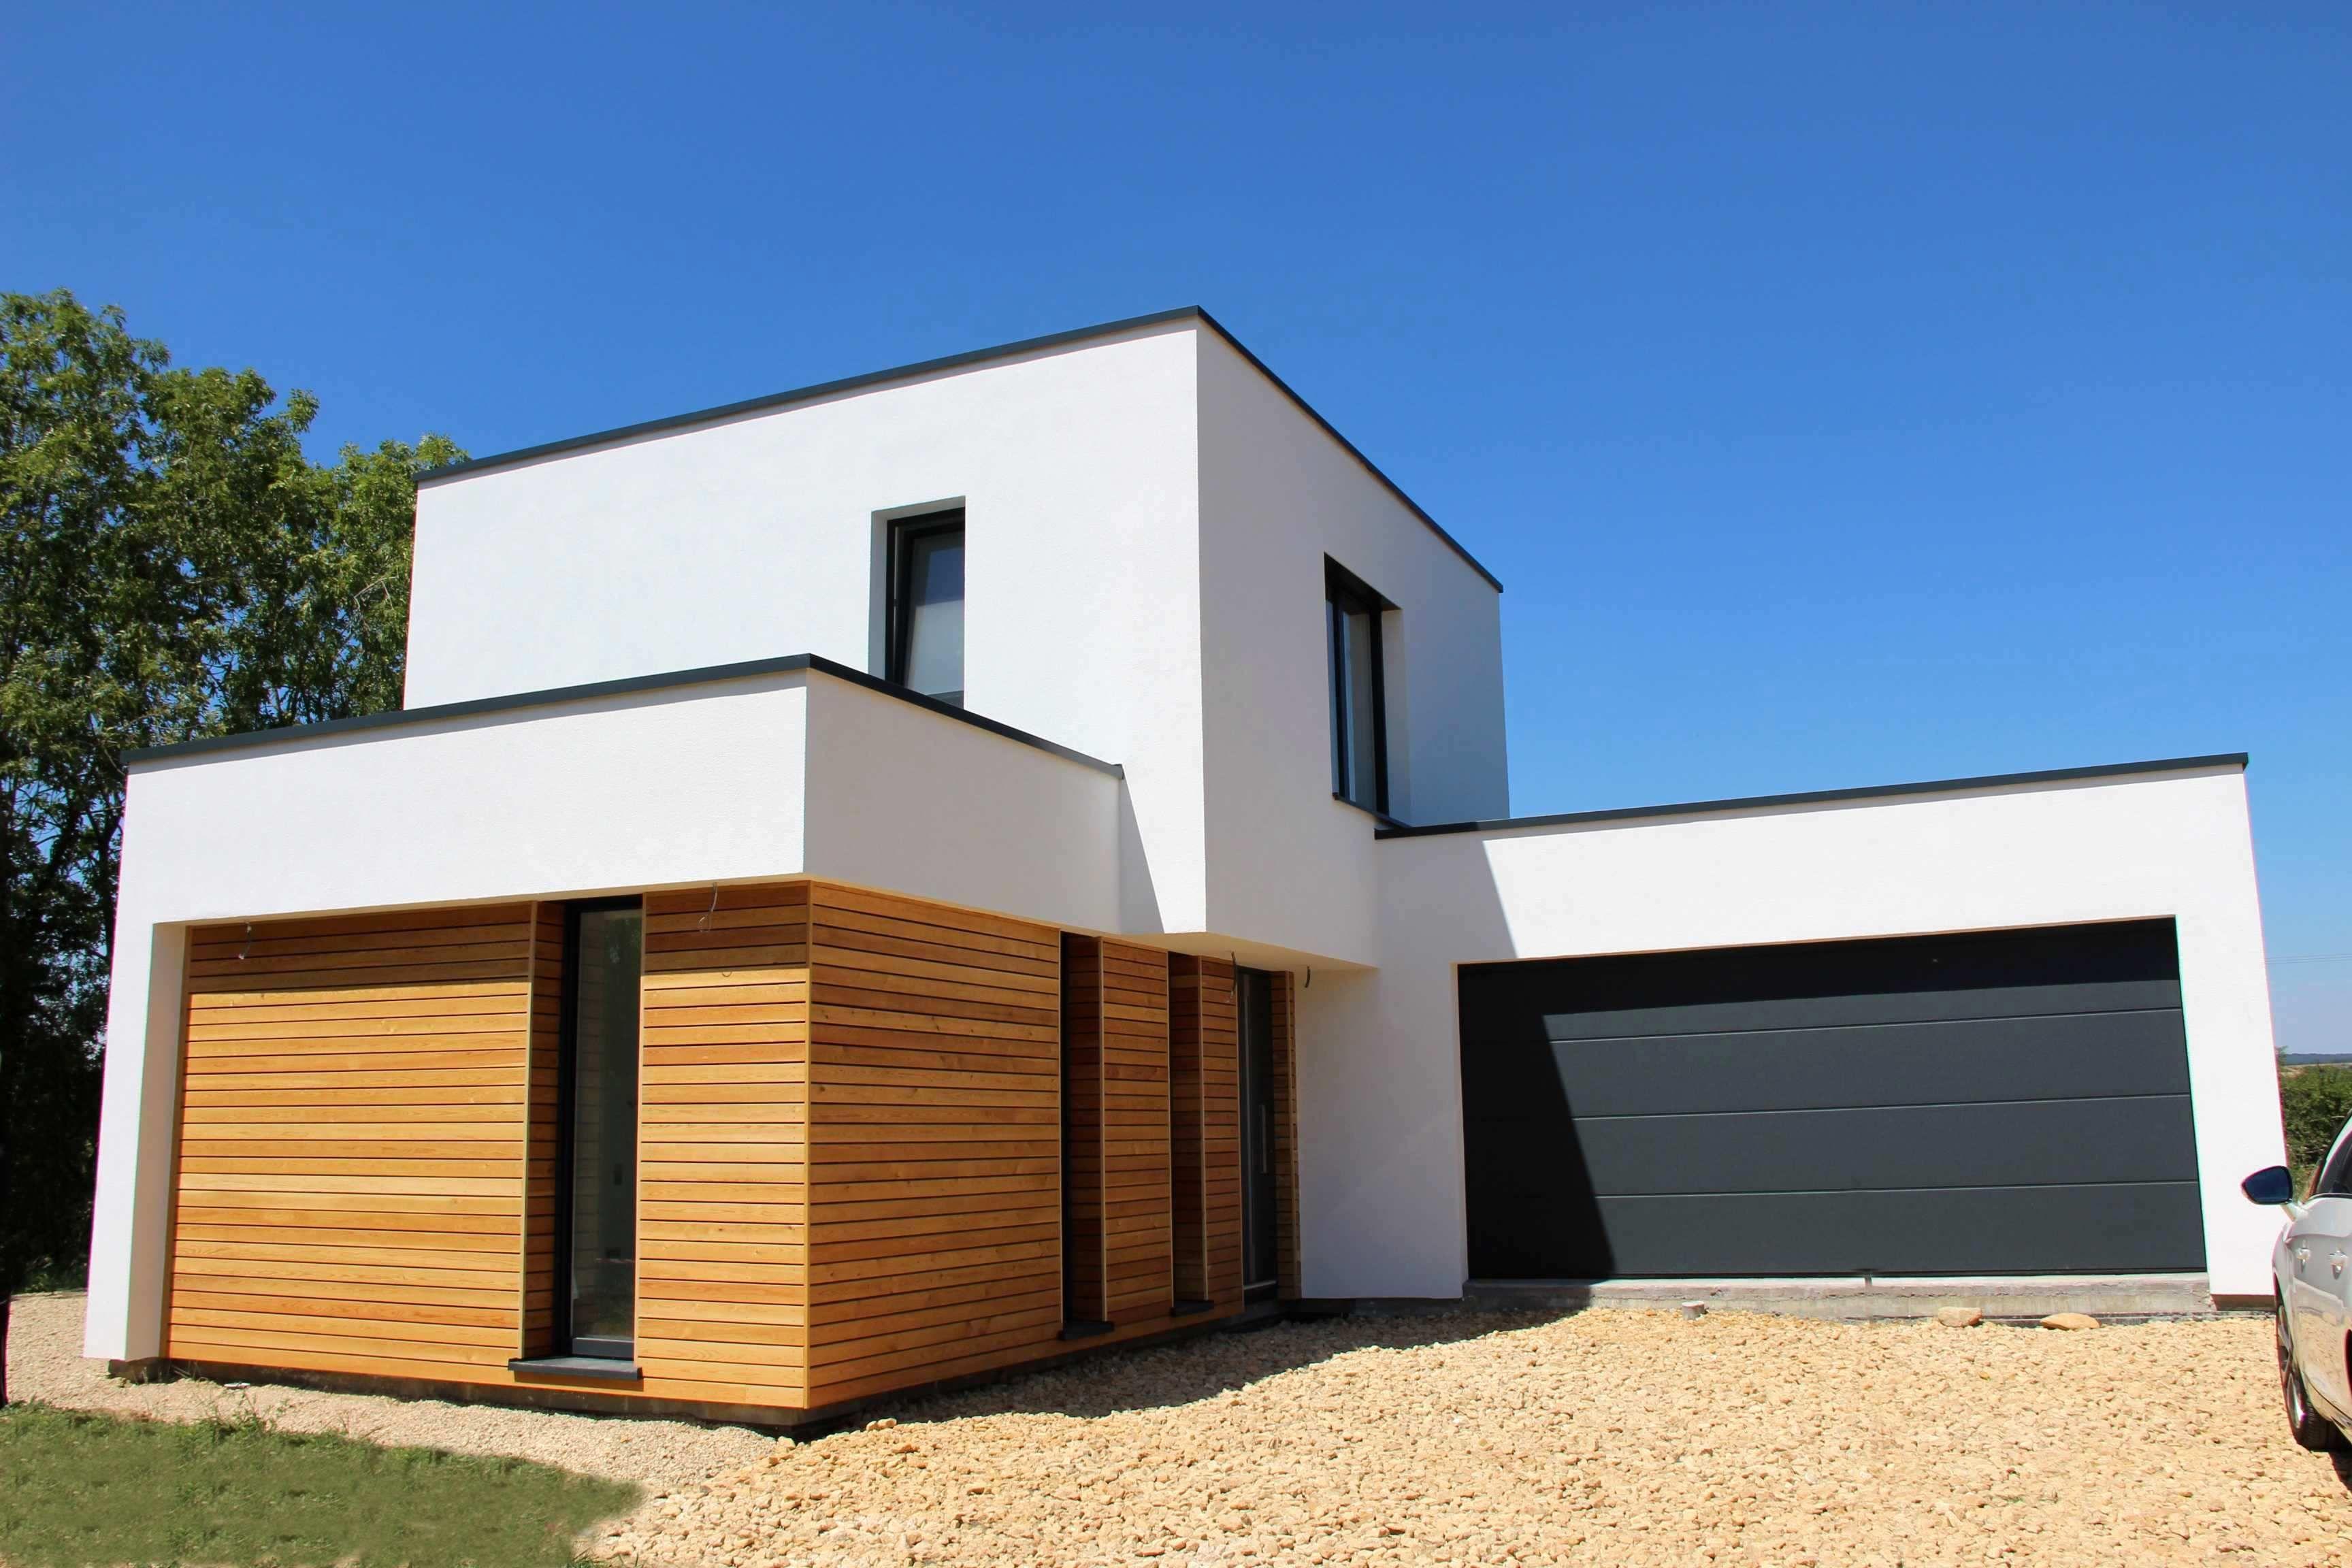 Booa Prix Maison Bioclimatique Plan Maison Maison Ossature Bois